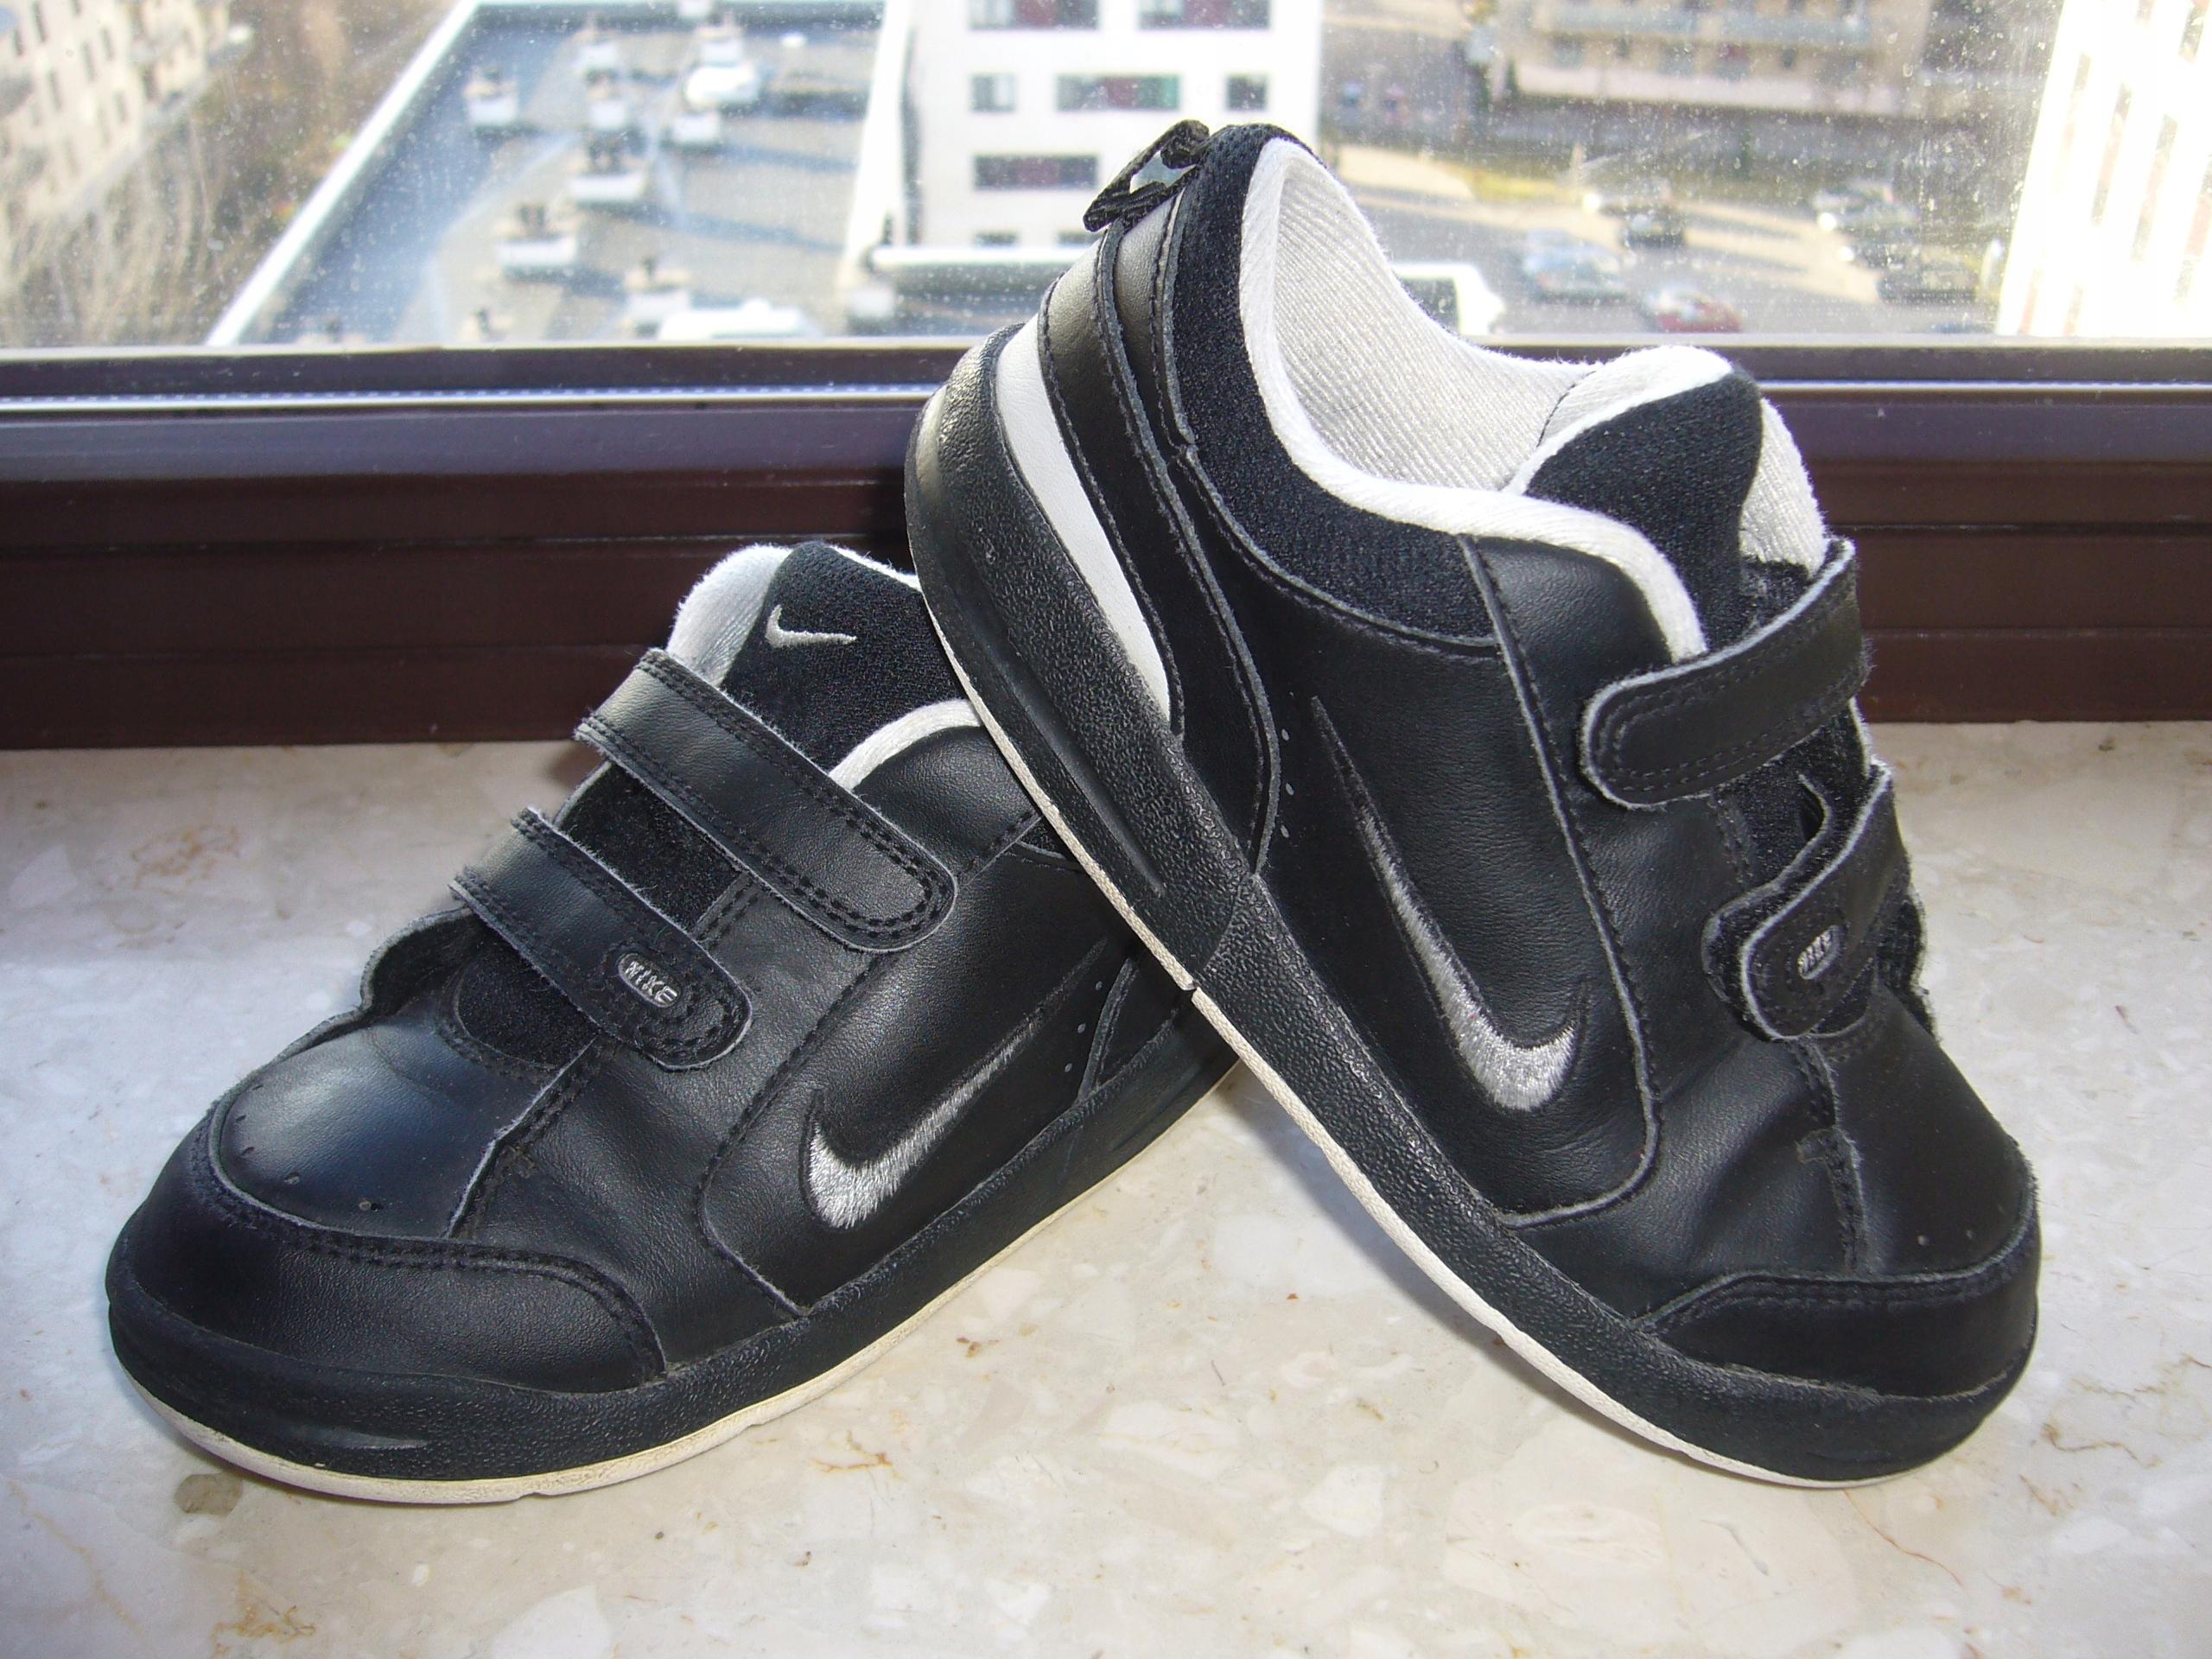 Buty dziecięce sportowe adidasy Nike r.27 skóra 7878598363